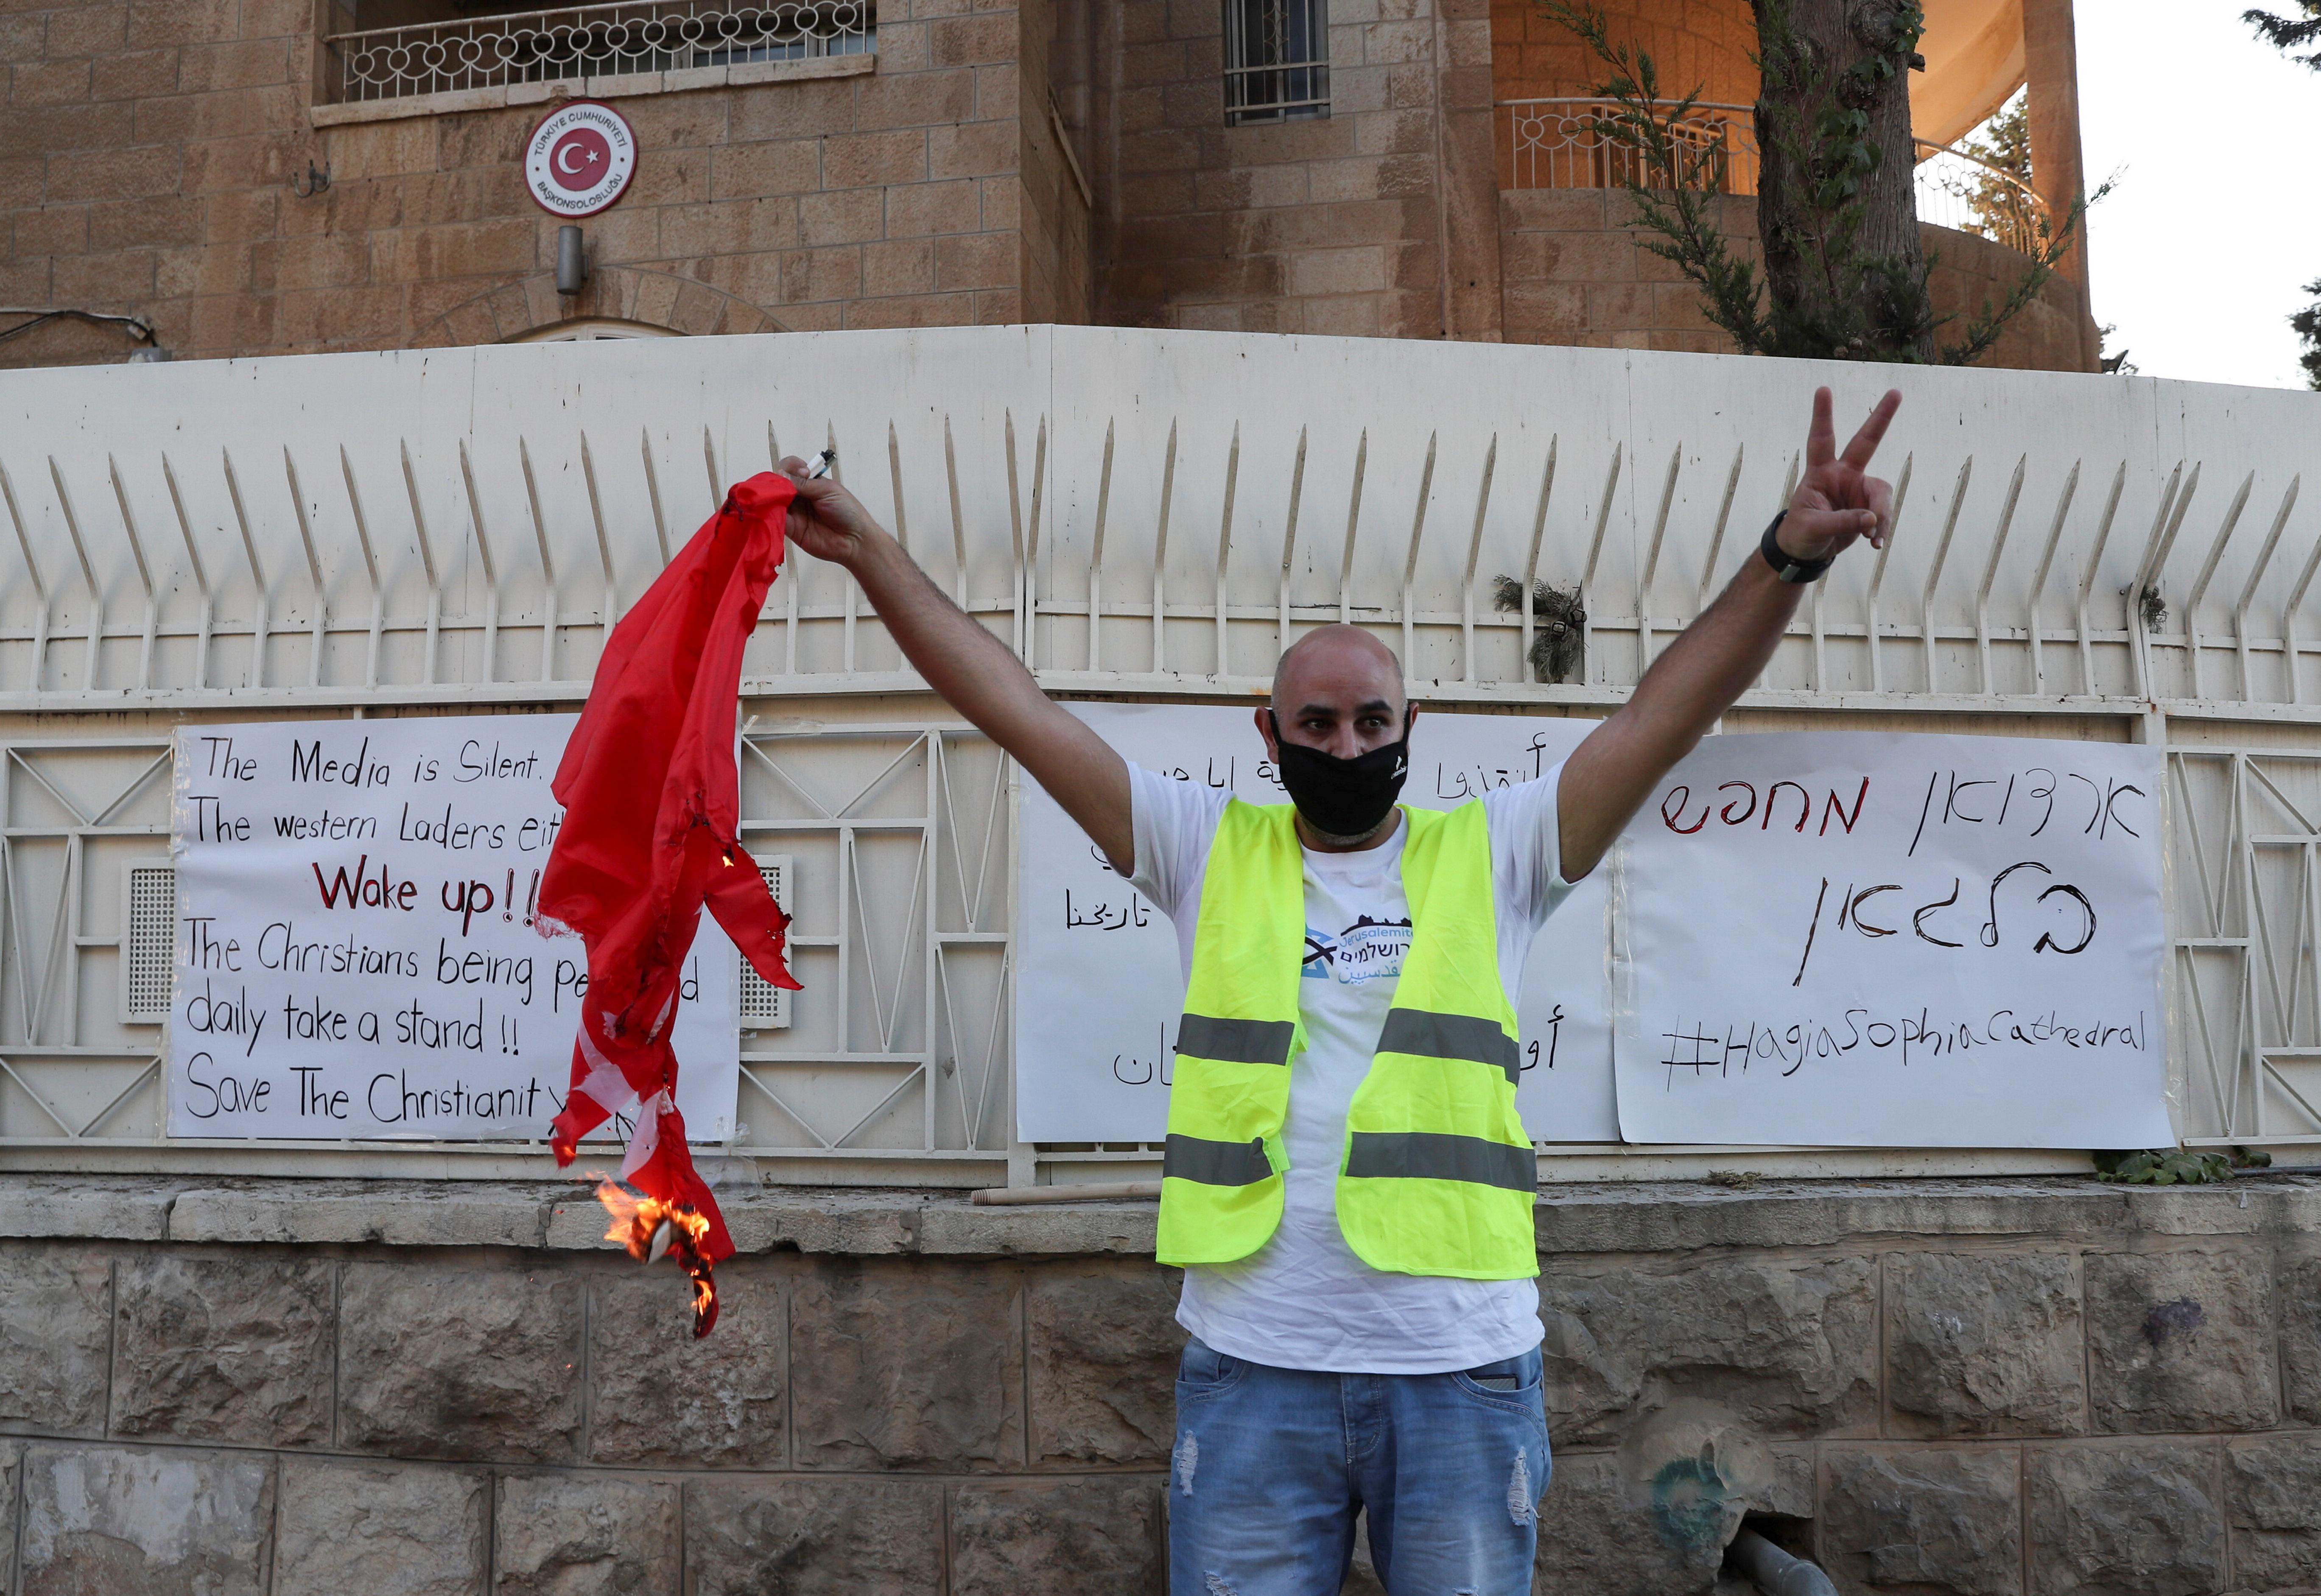 İsrailli gruptan, Türk bayrağına alçak saldırı #4